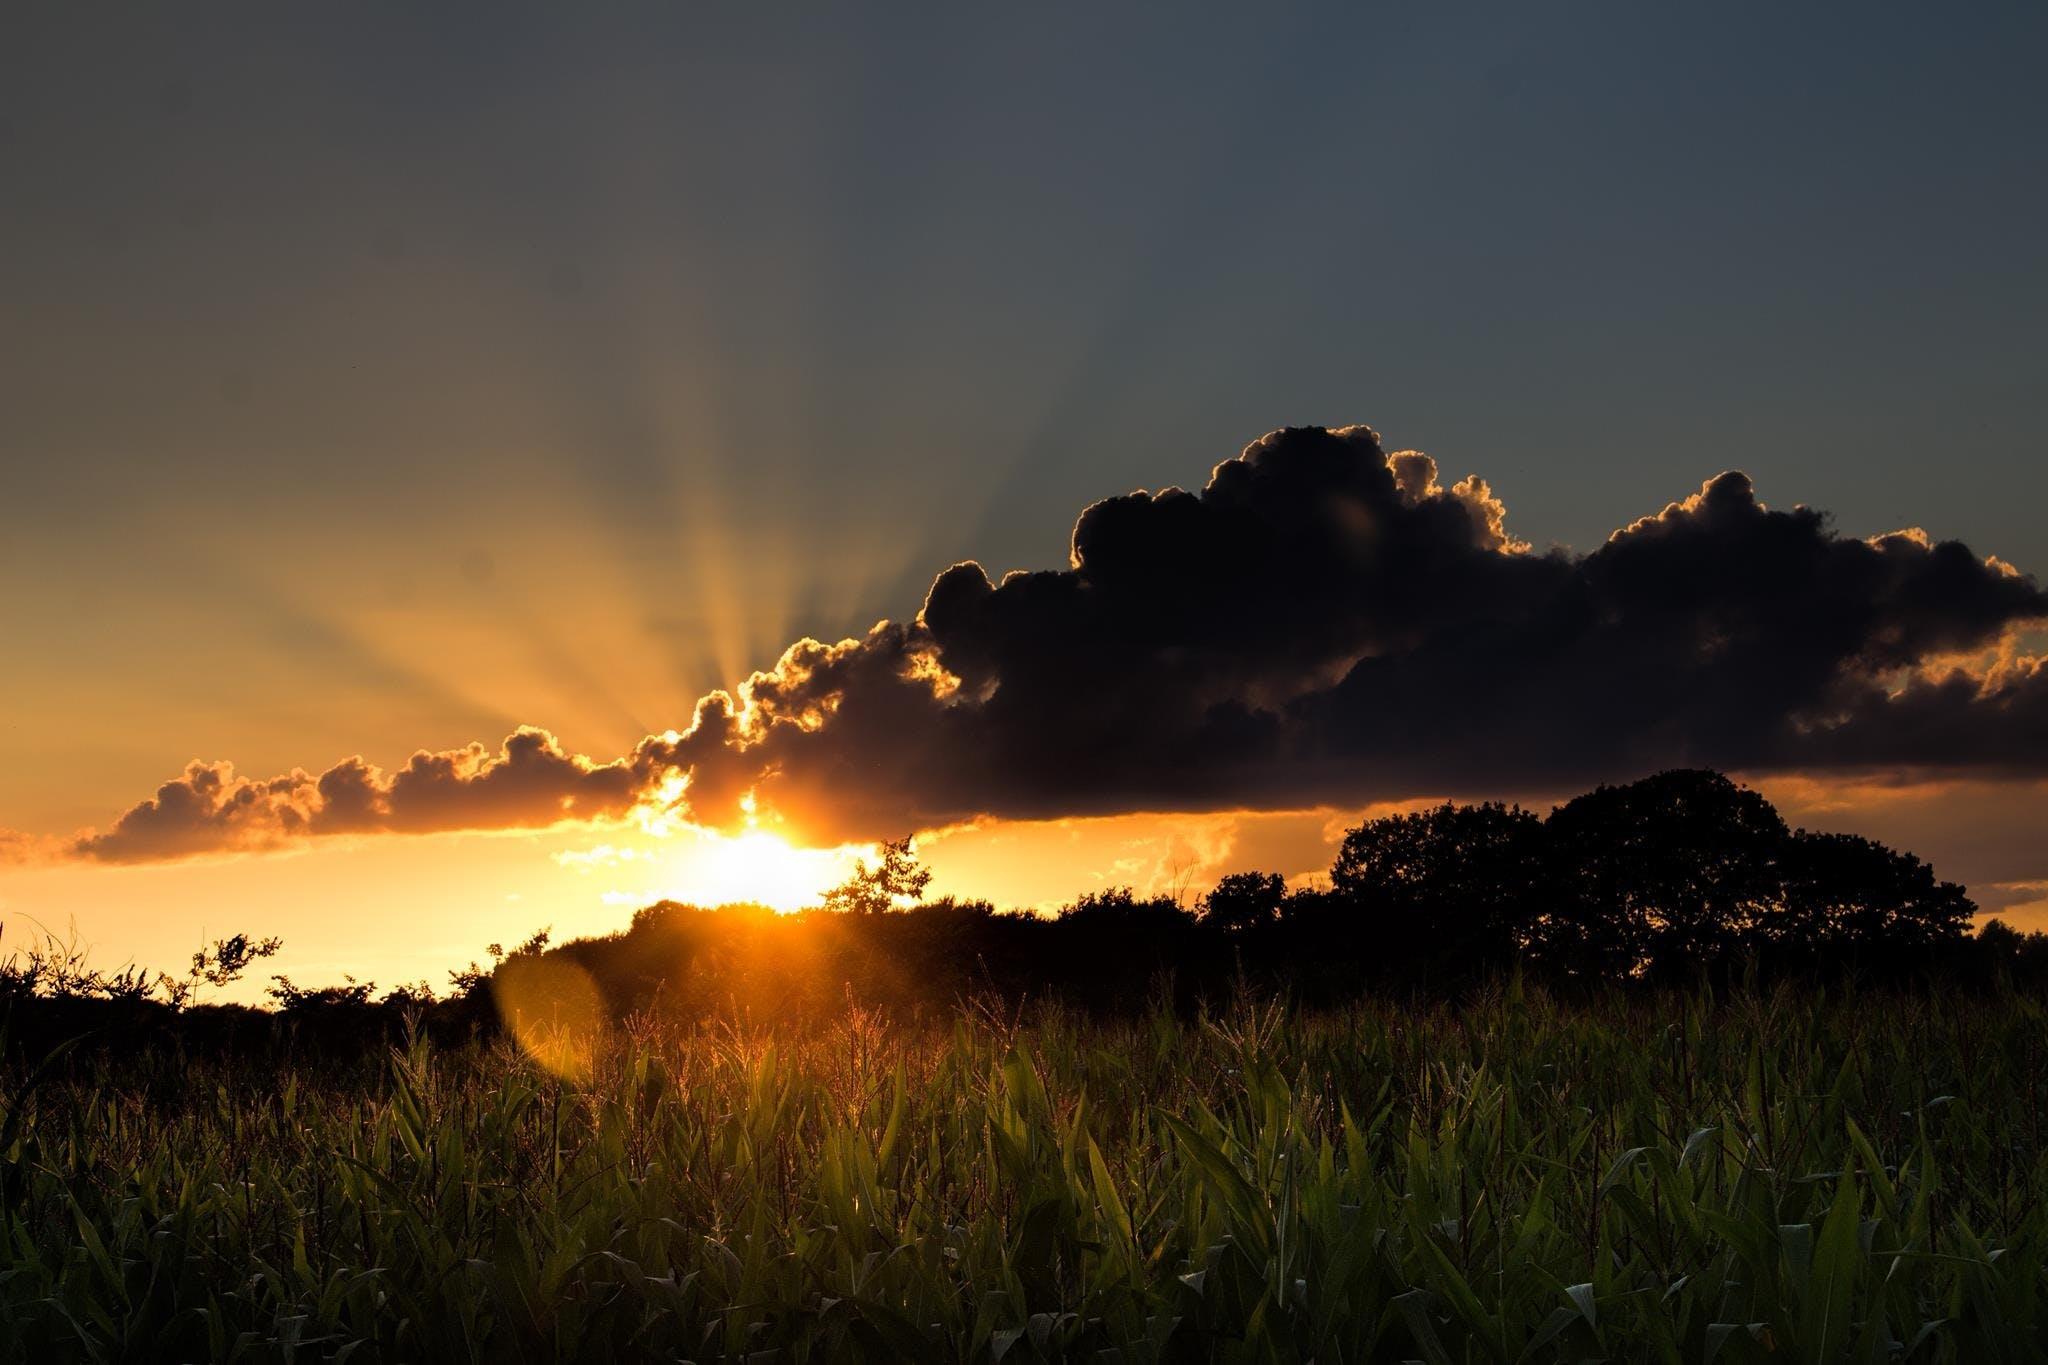 açık, akşam, alan, altın içeren Ücretsiz stok fotoğraf